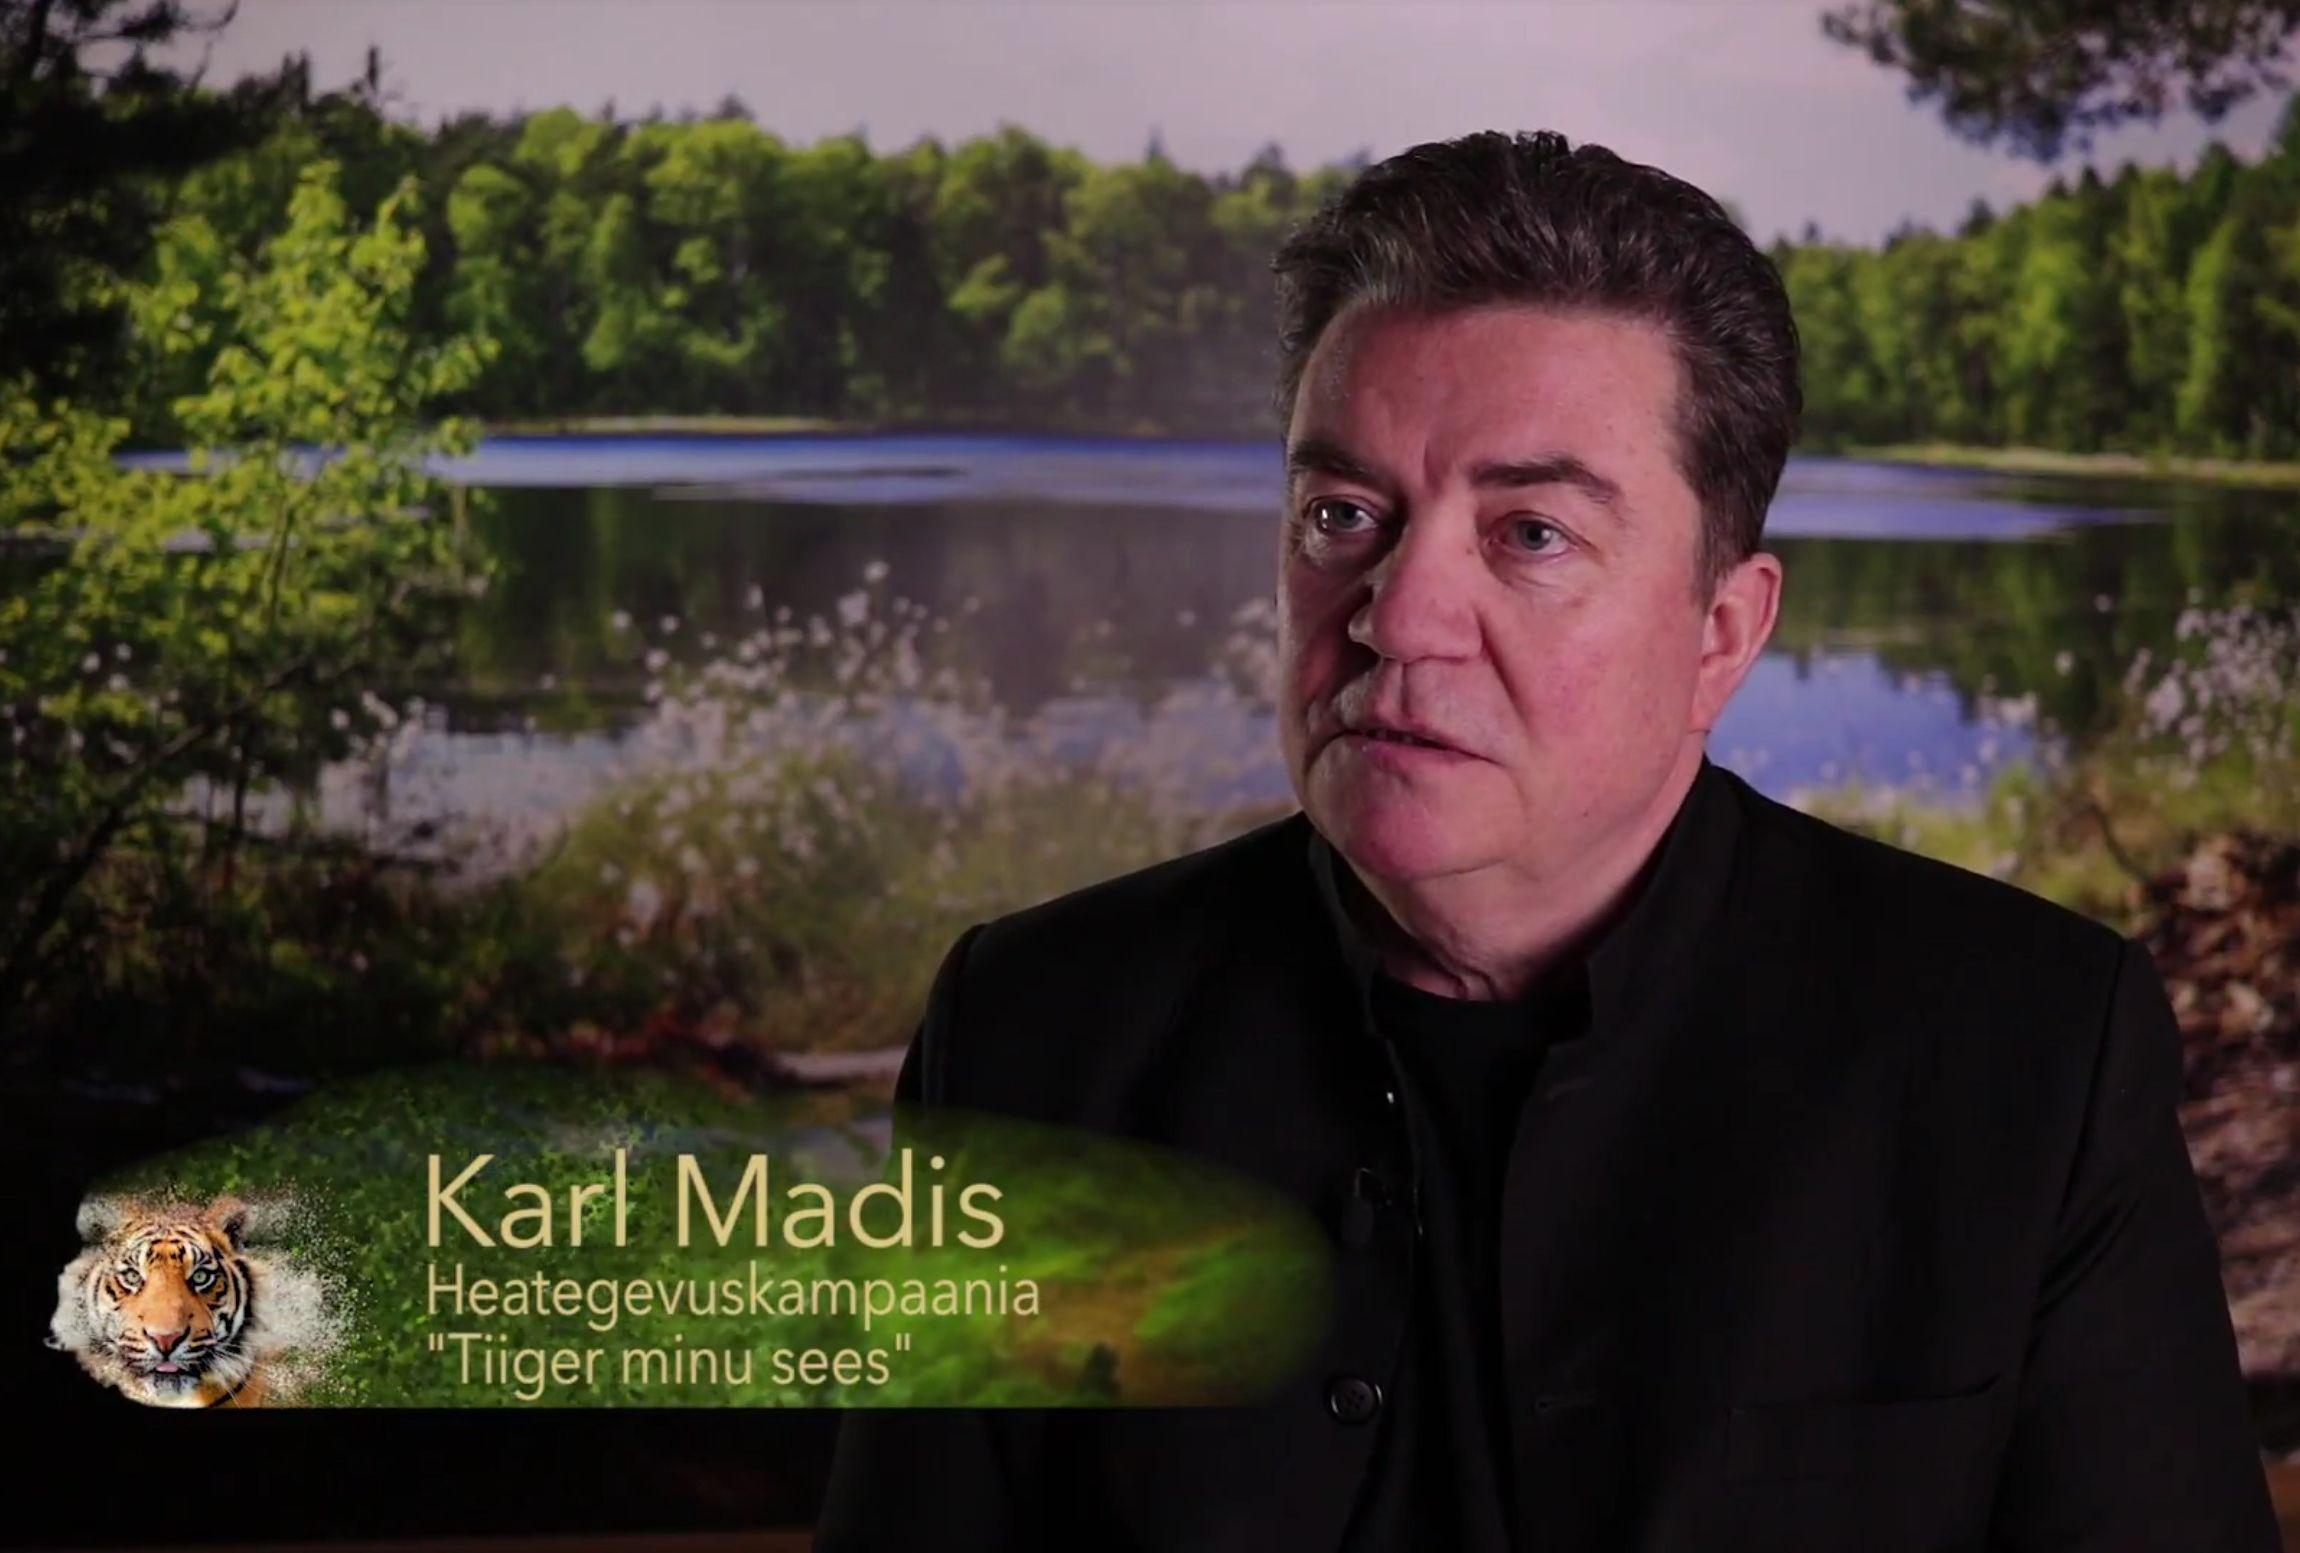 """VIDEO! """"Tiiger minu sees!"""": ülekohut näinud Karl Madises tõstis pead tiiger ja mees läks ihuüksinda olukorda lahendama"""